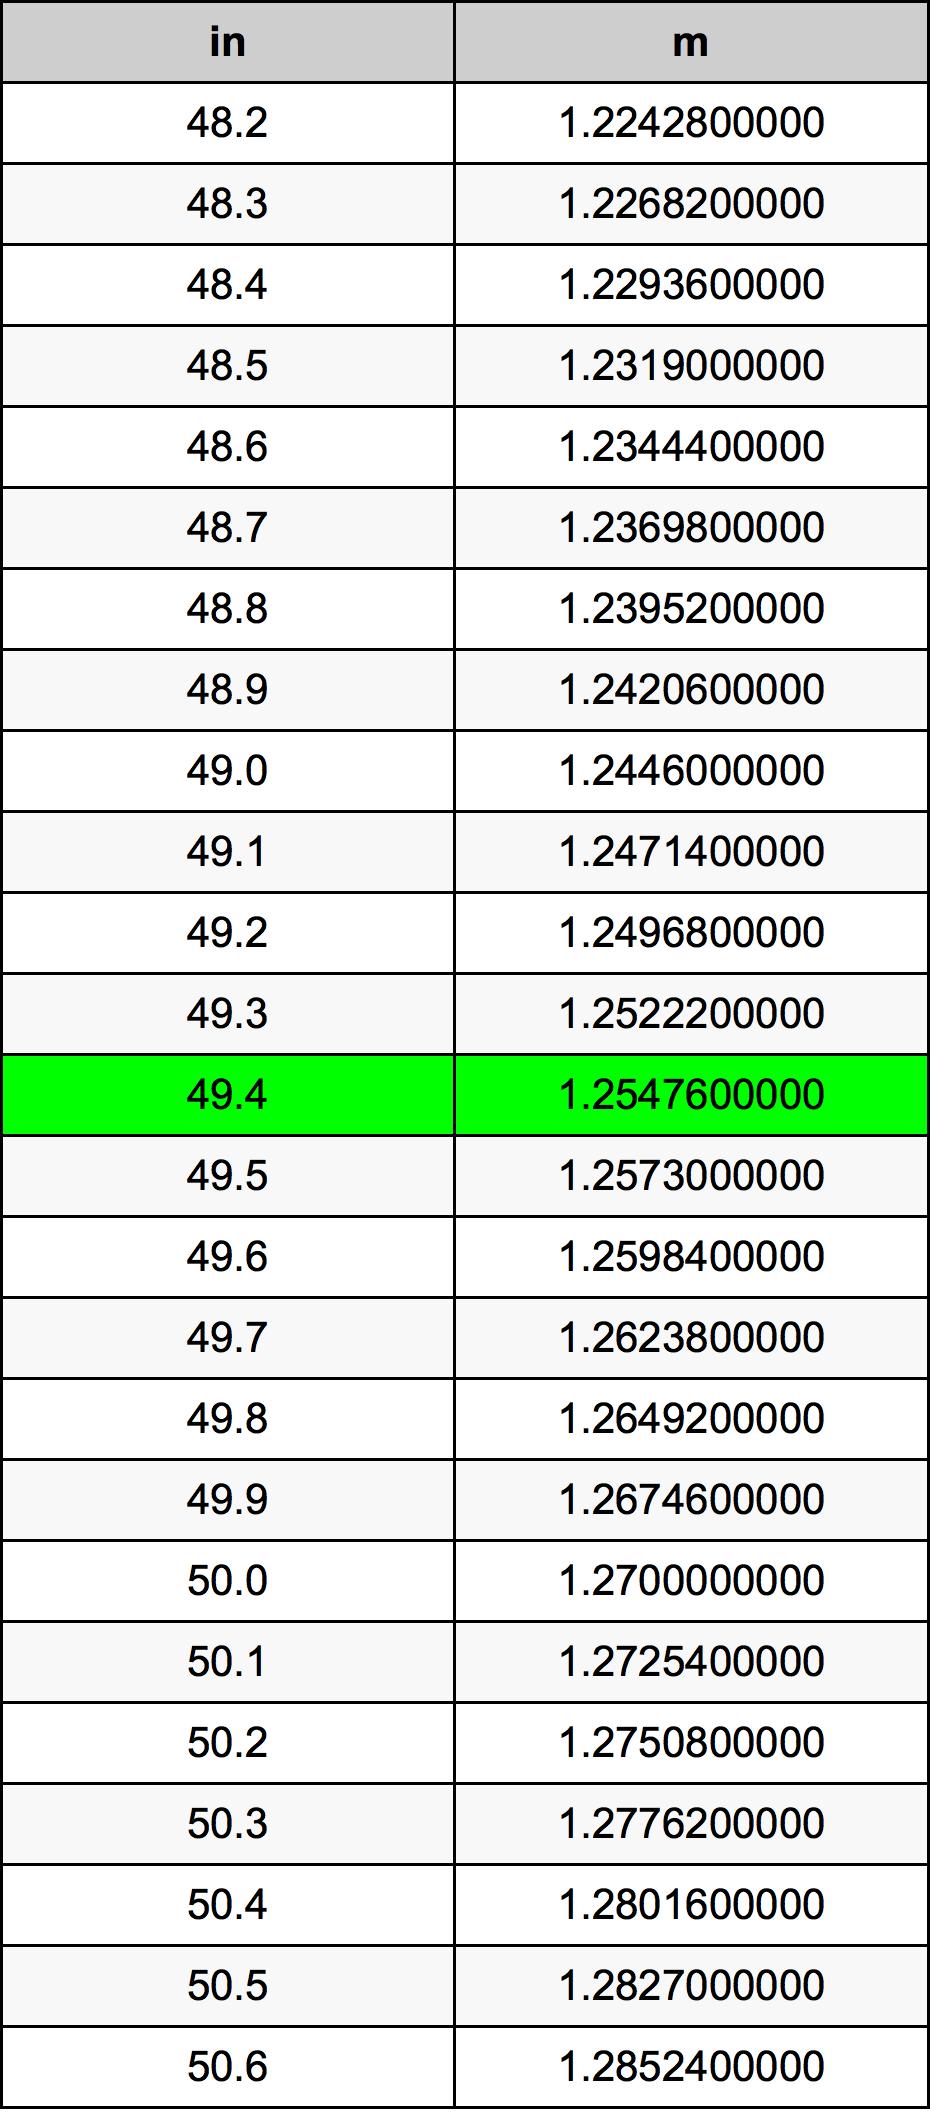 49.4 Zoll Umrechnungstabelle